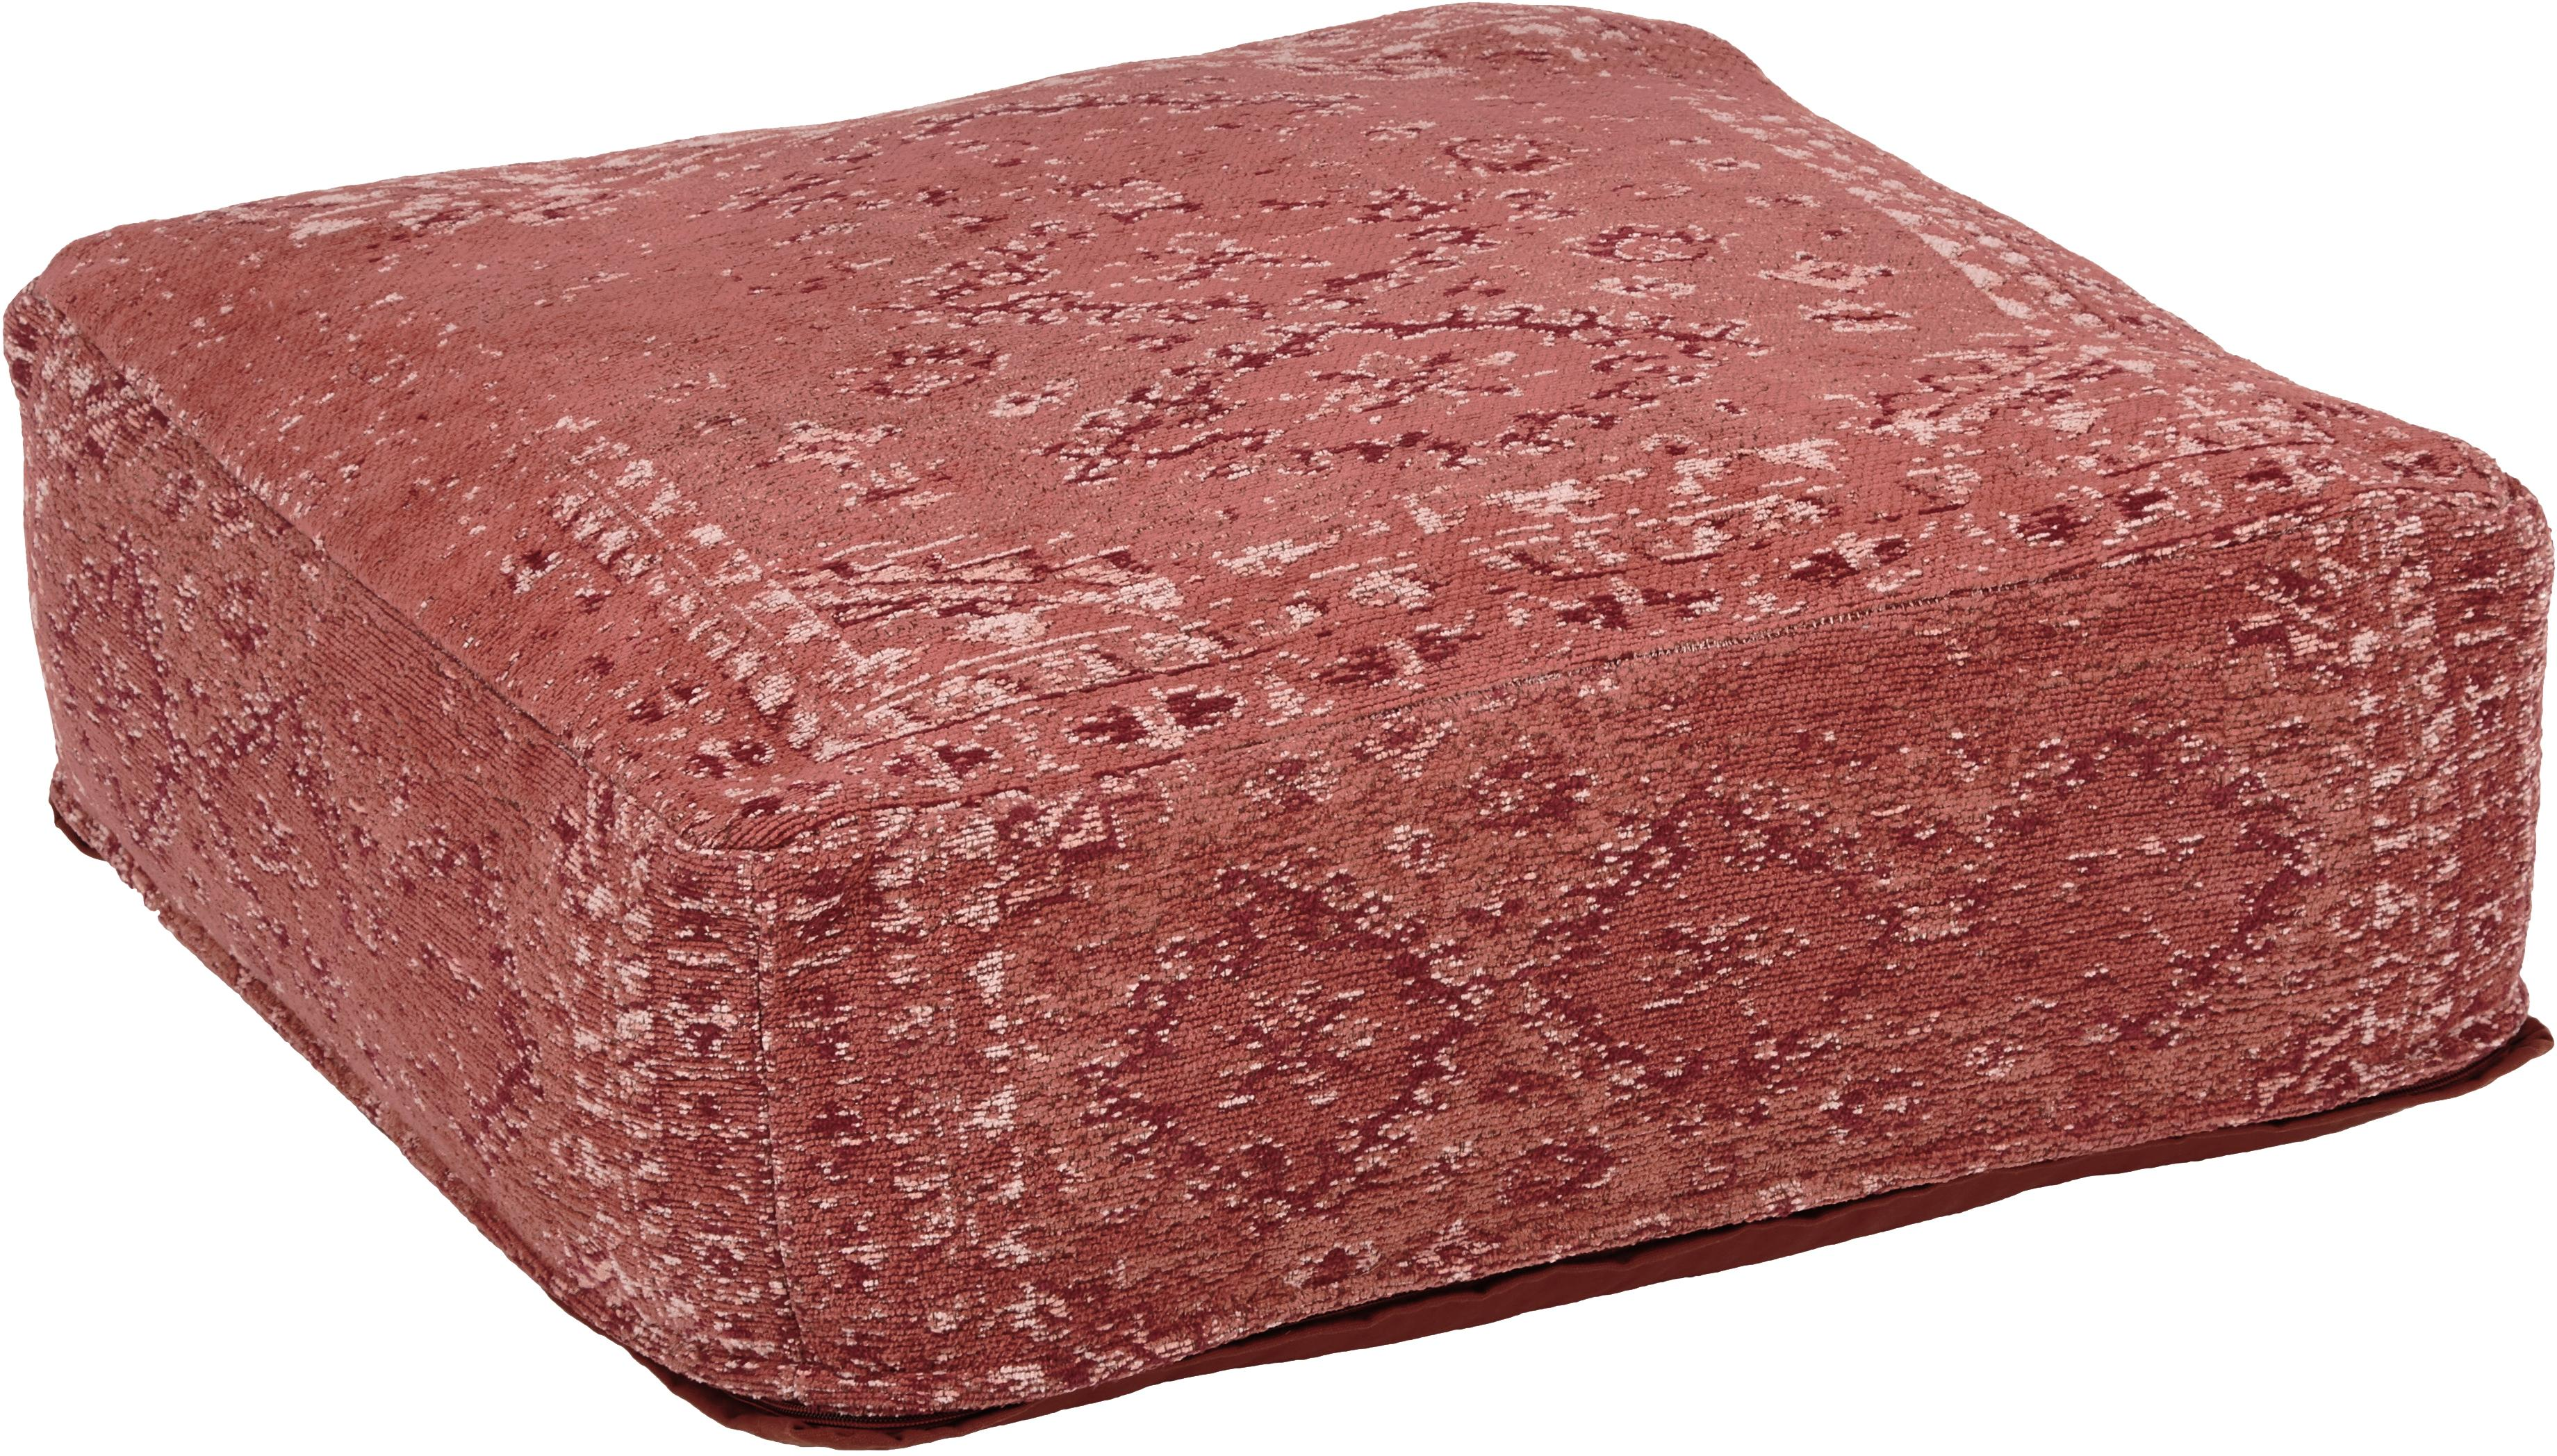 Cojín de suelo Rebel, estilo vintage, Funda: 95%algodón, 5%poliéster, Interior: poliéster, Rojo indio, crema, rojo, An 70 x Al 26 cm